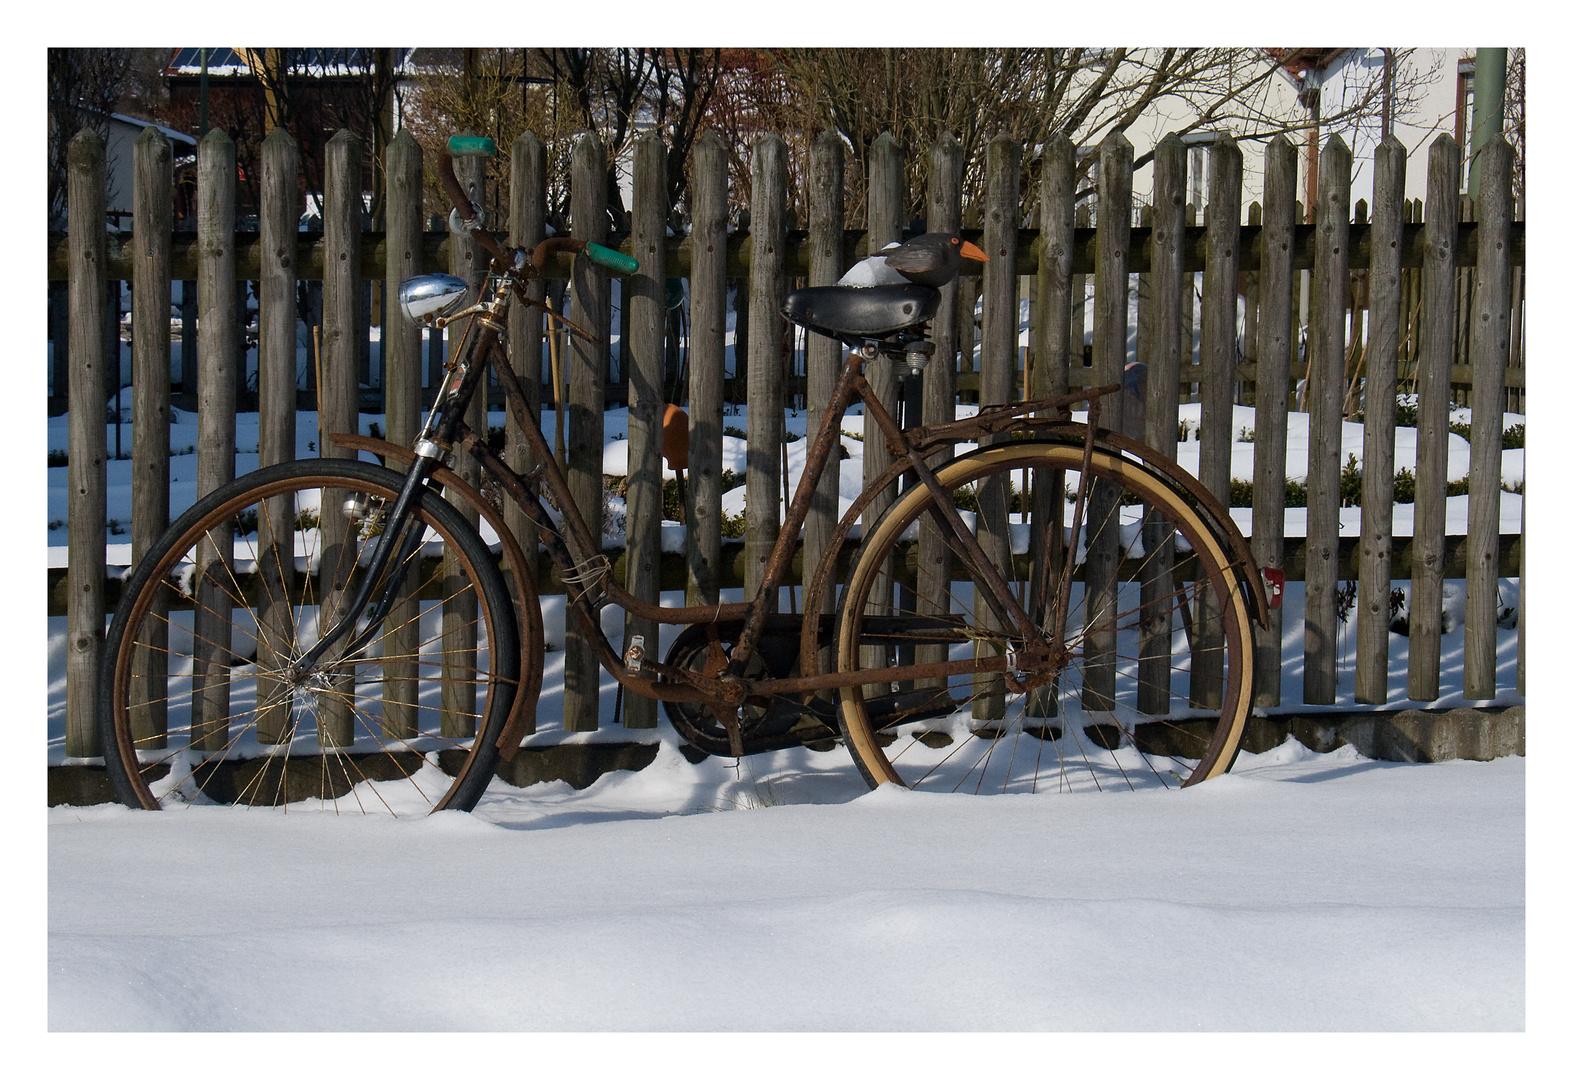 Erinnerung an den vergangenen Winter